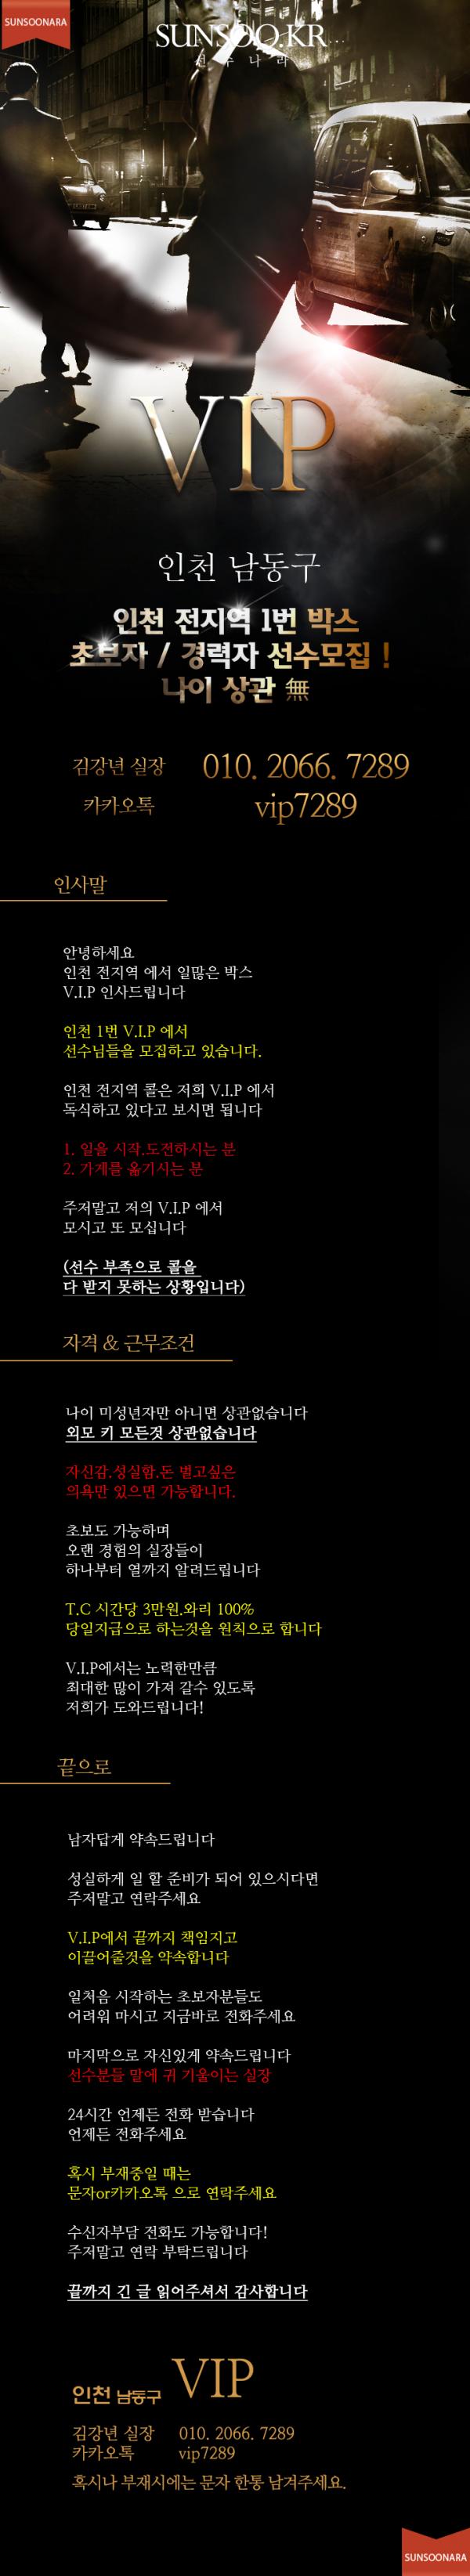 남동구 vip.png